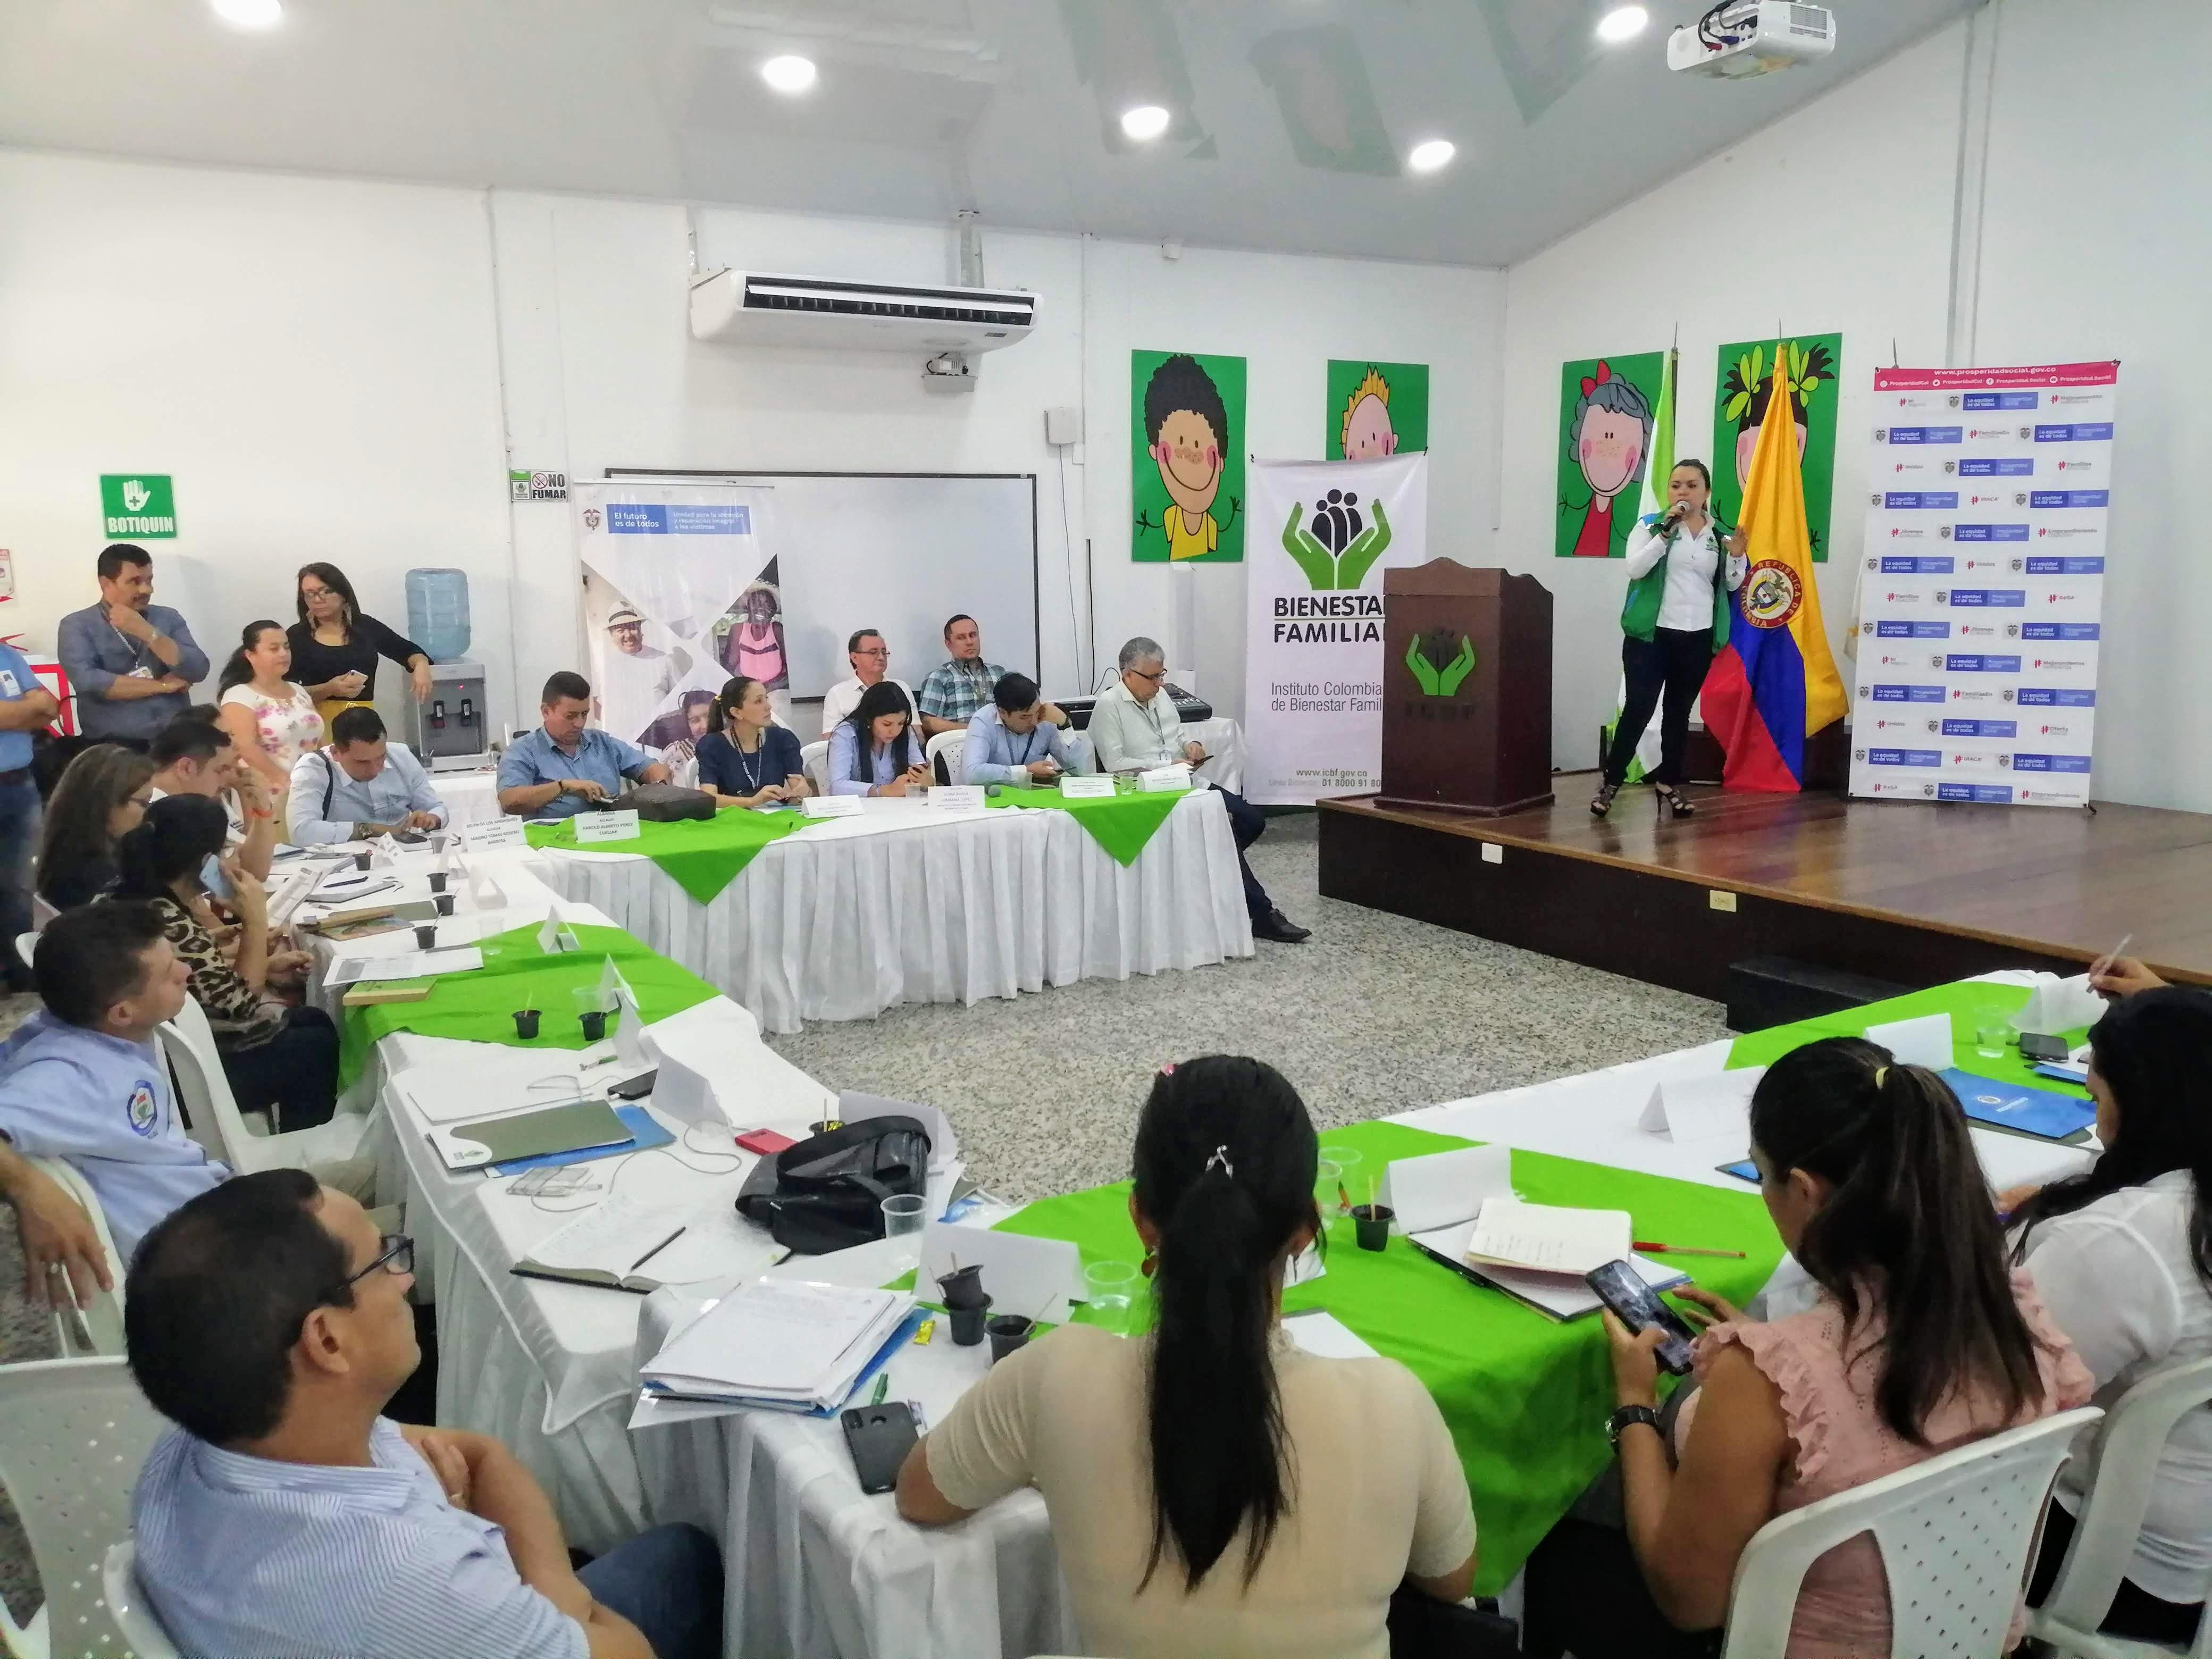 ICBF promueve derechos de niños y adolescentes con nuevos mandatarios de Caquetá